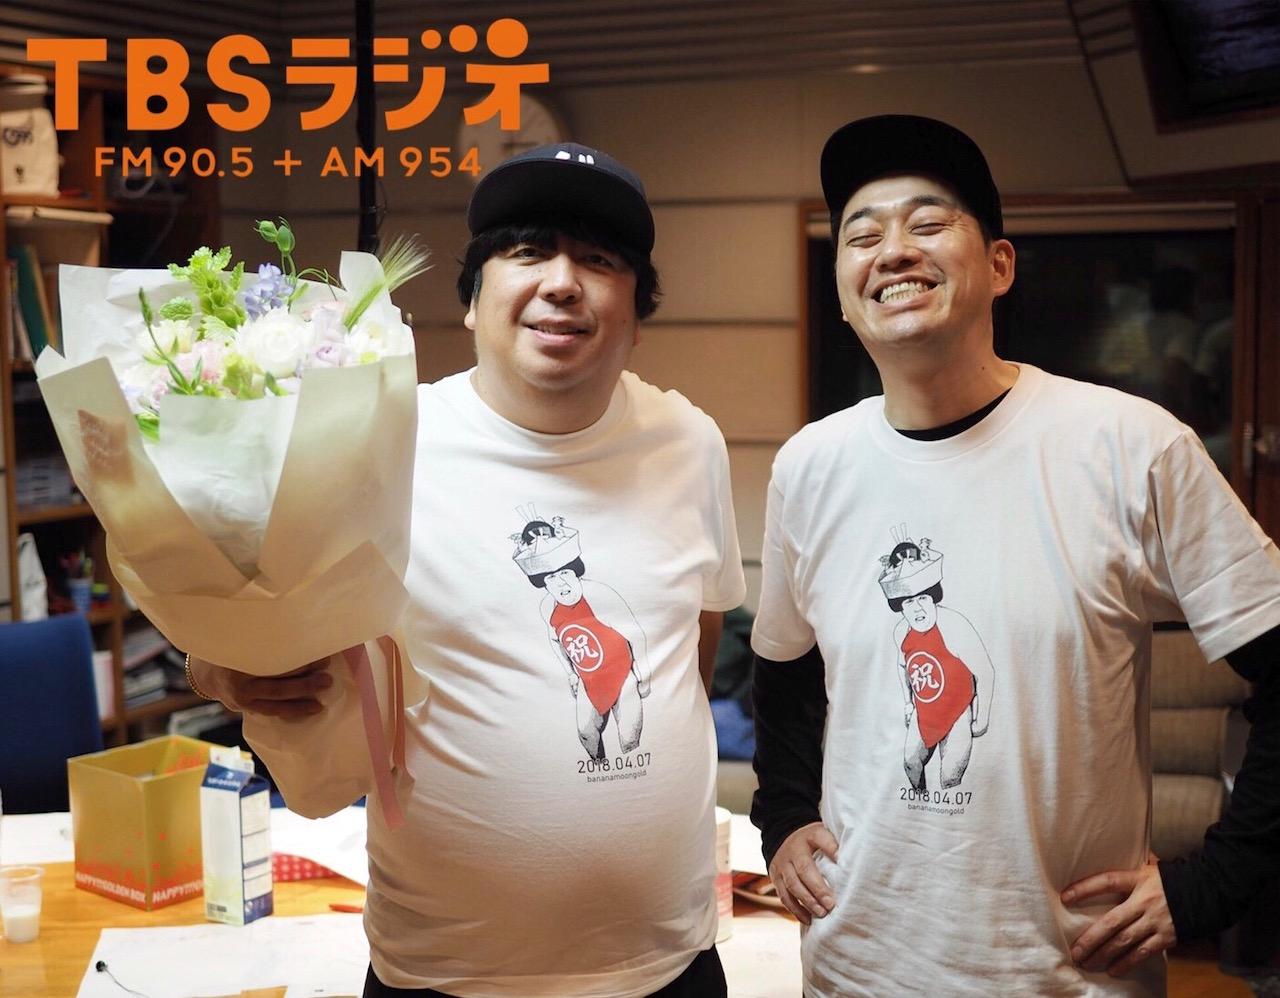 放送中                                                                                    TBSラジオ FM90.5 + AM954                                                    放送中日村勇紀、結婚を生放送で報告!!!!!                この記事の                番組情報            Gunosyフィード